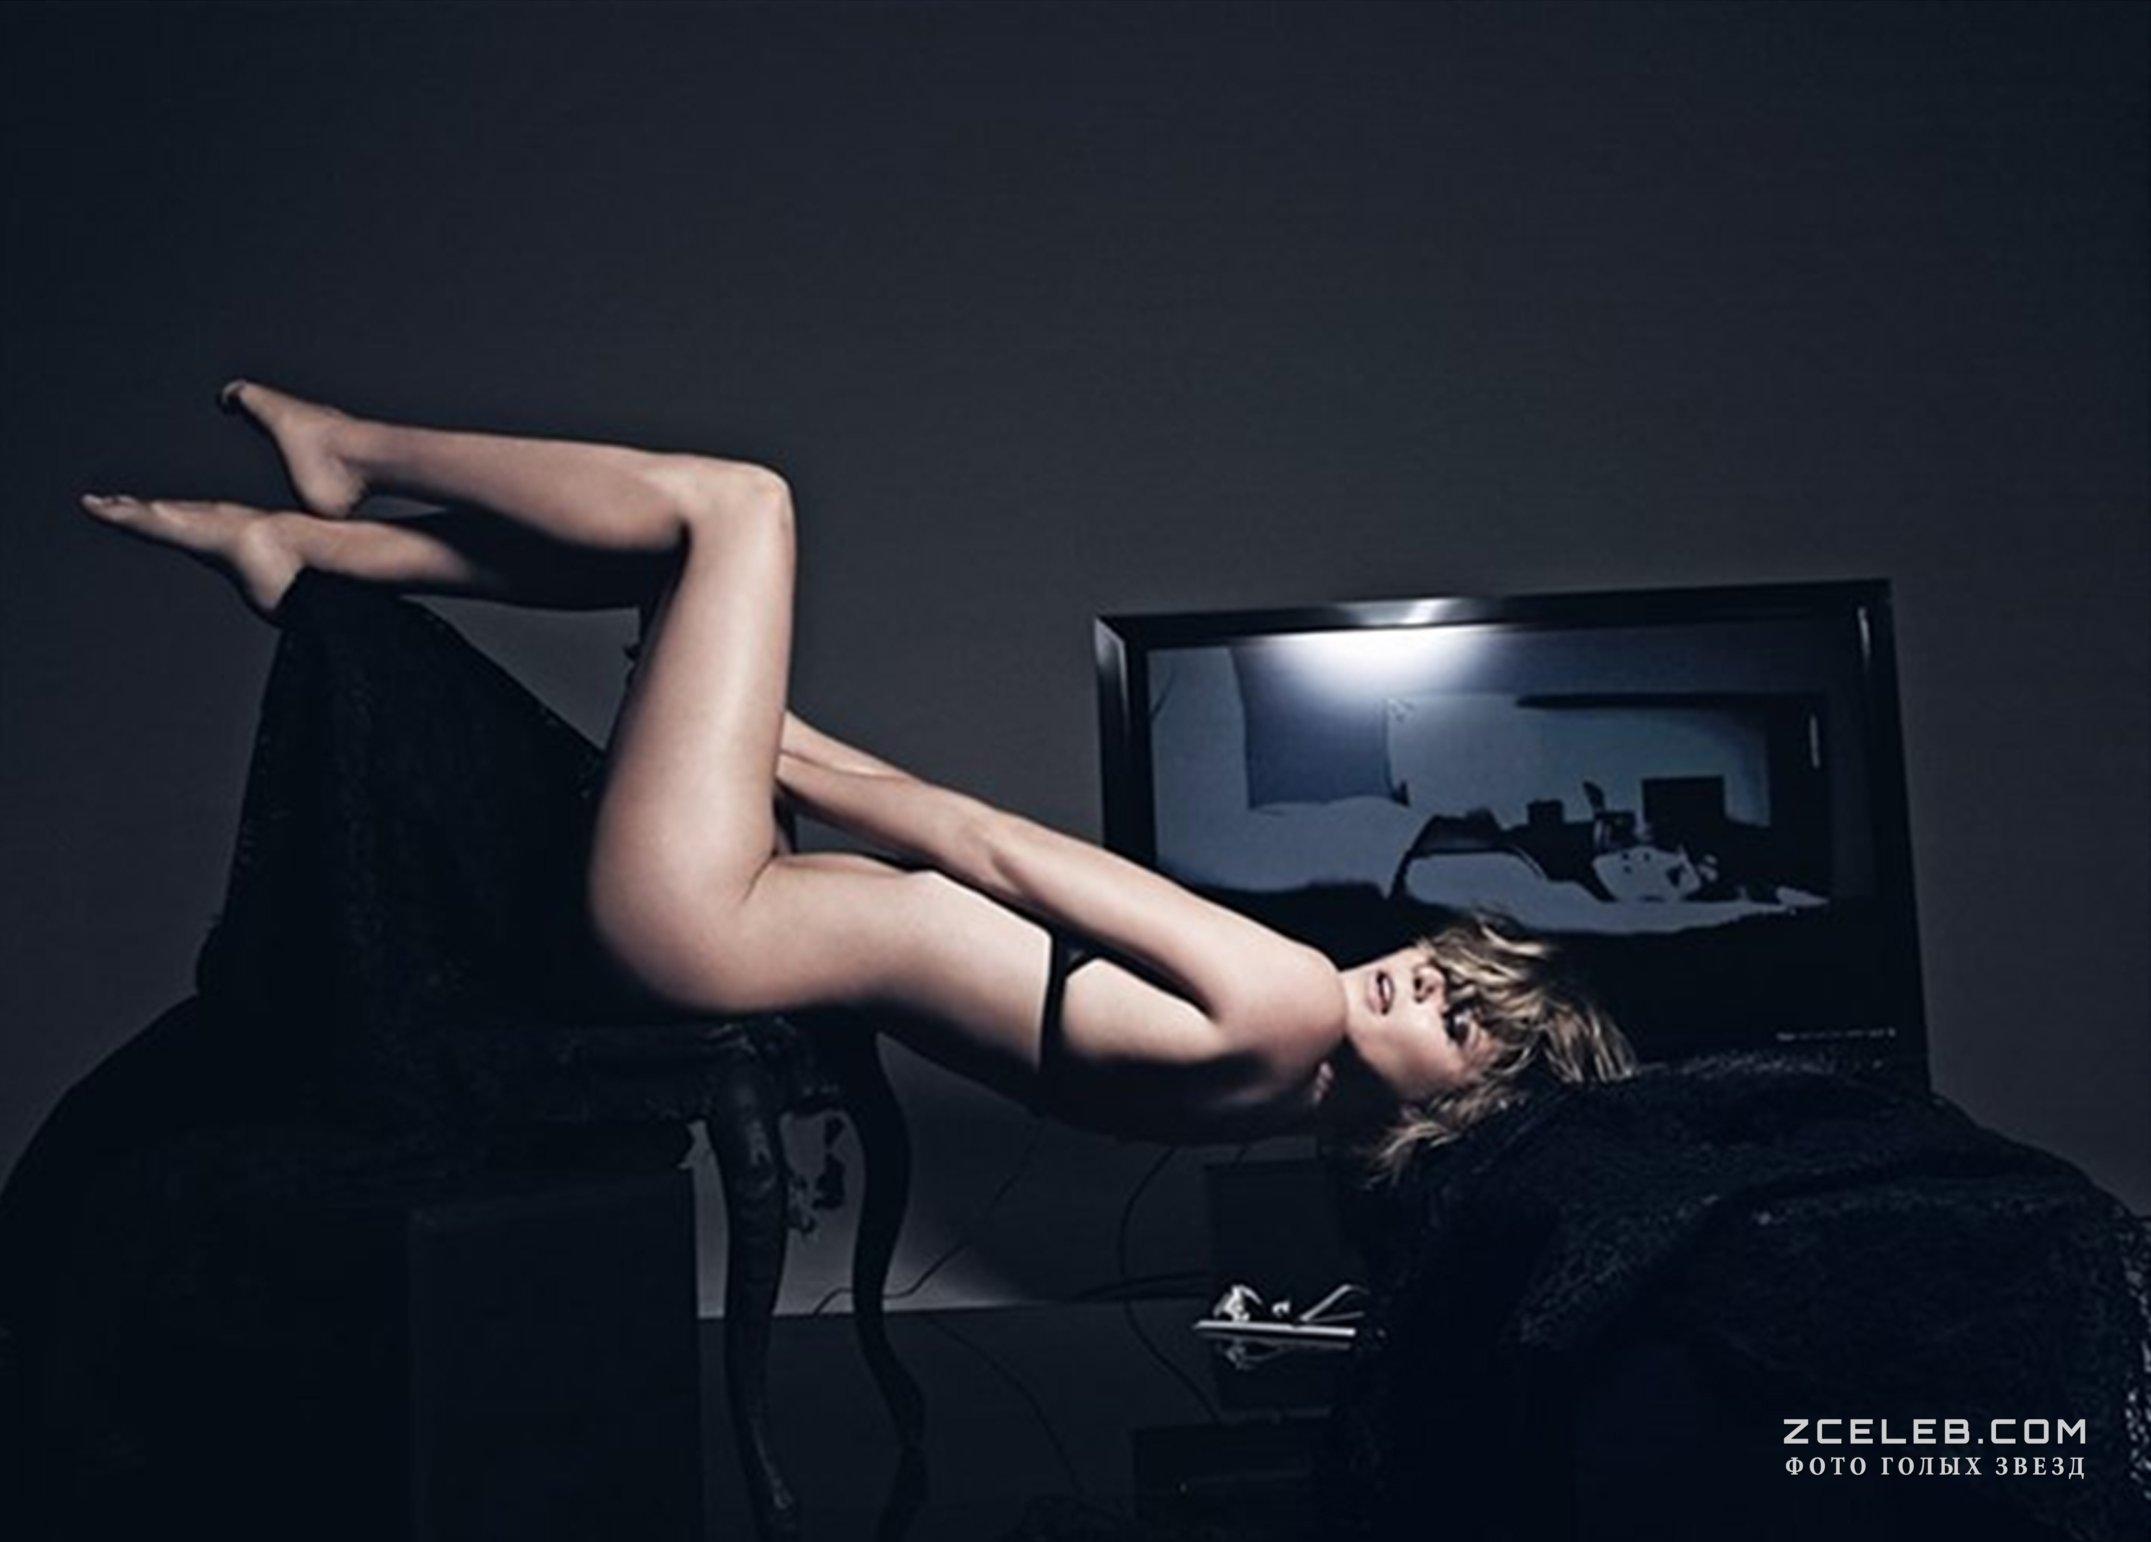 nude pictures of heidi klum  480796